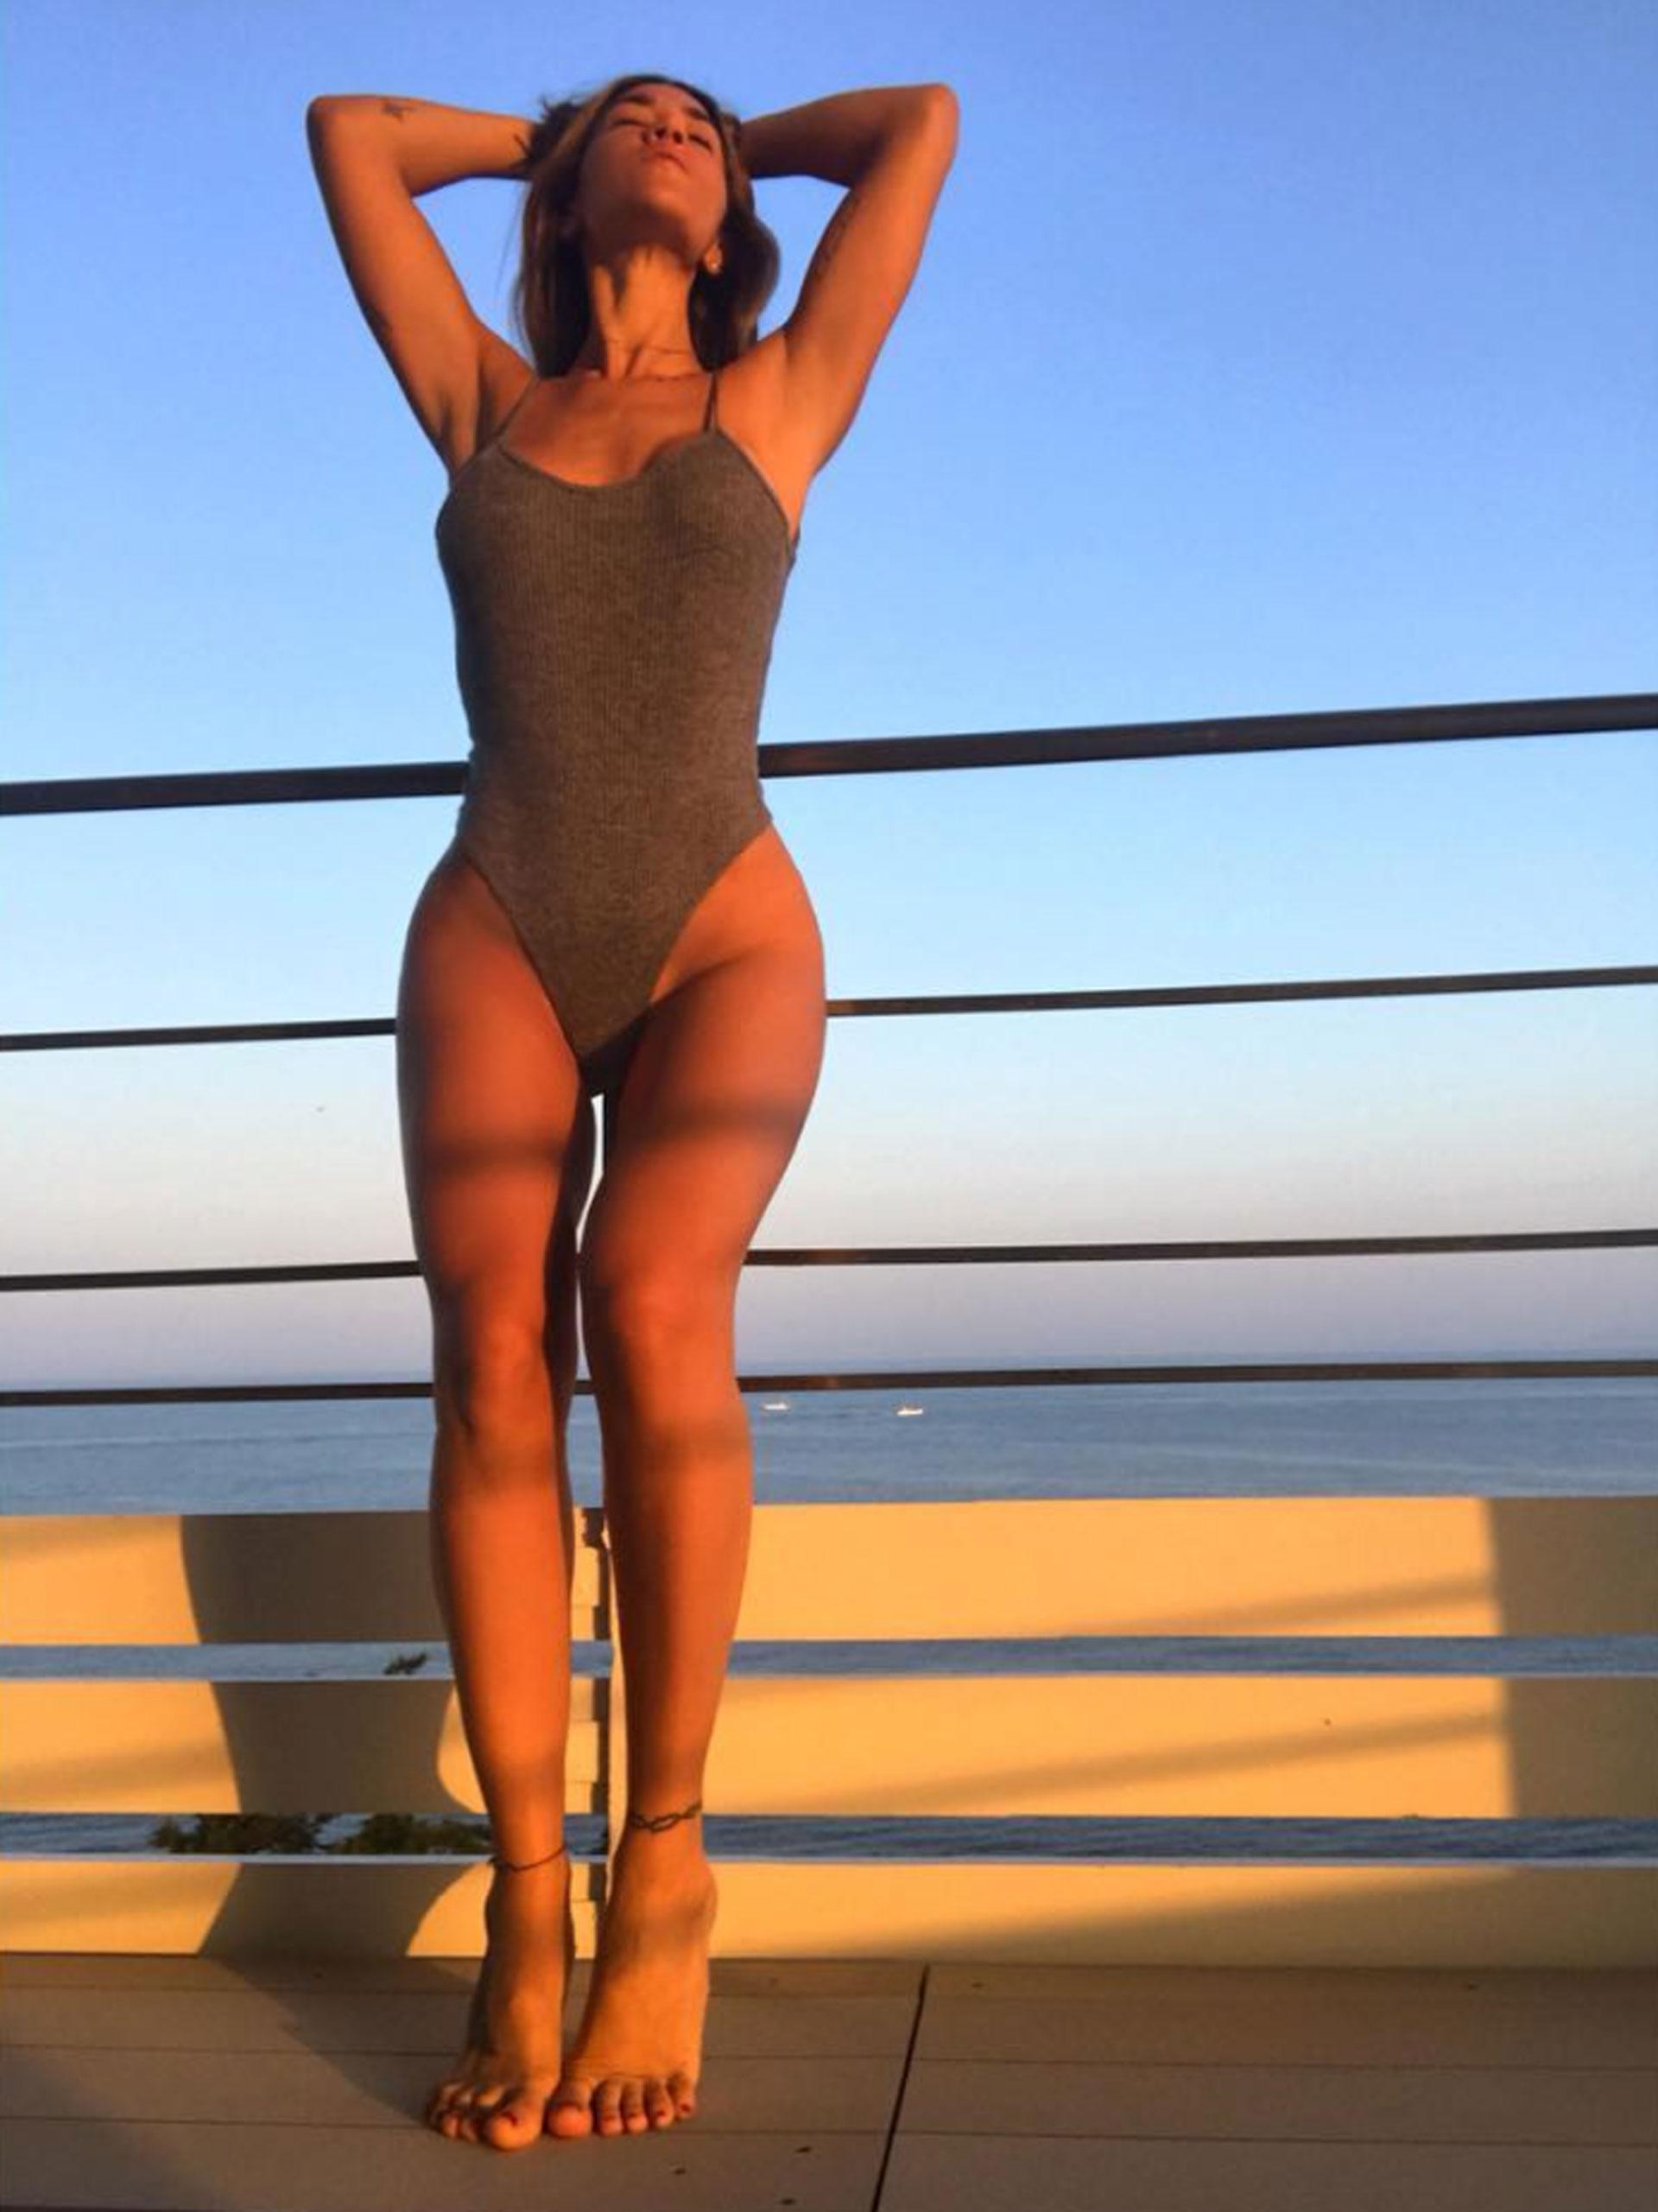 """""""Ojalá estuviera teniendo tanto sexo como la cantidad de gente con la que ya me están vinculando. Más no"""", dijo irónica en Twitter en clara referencia a los que la vinculan con distintos famosos. (Foto: Instagram)"""